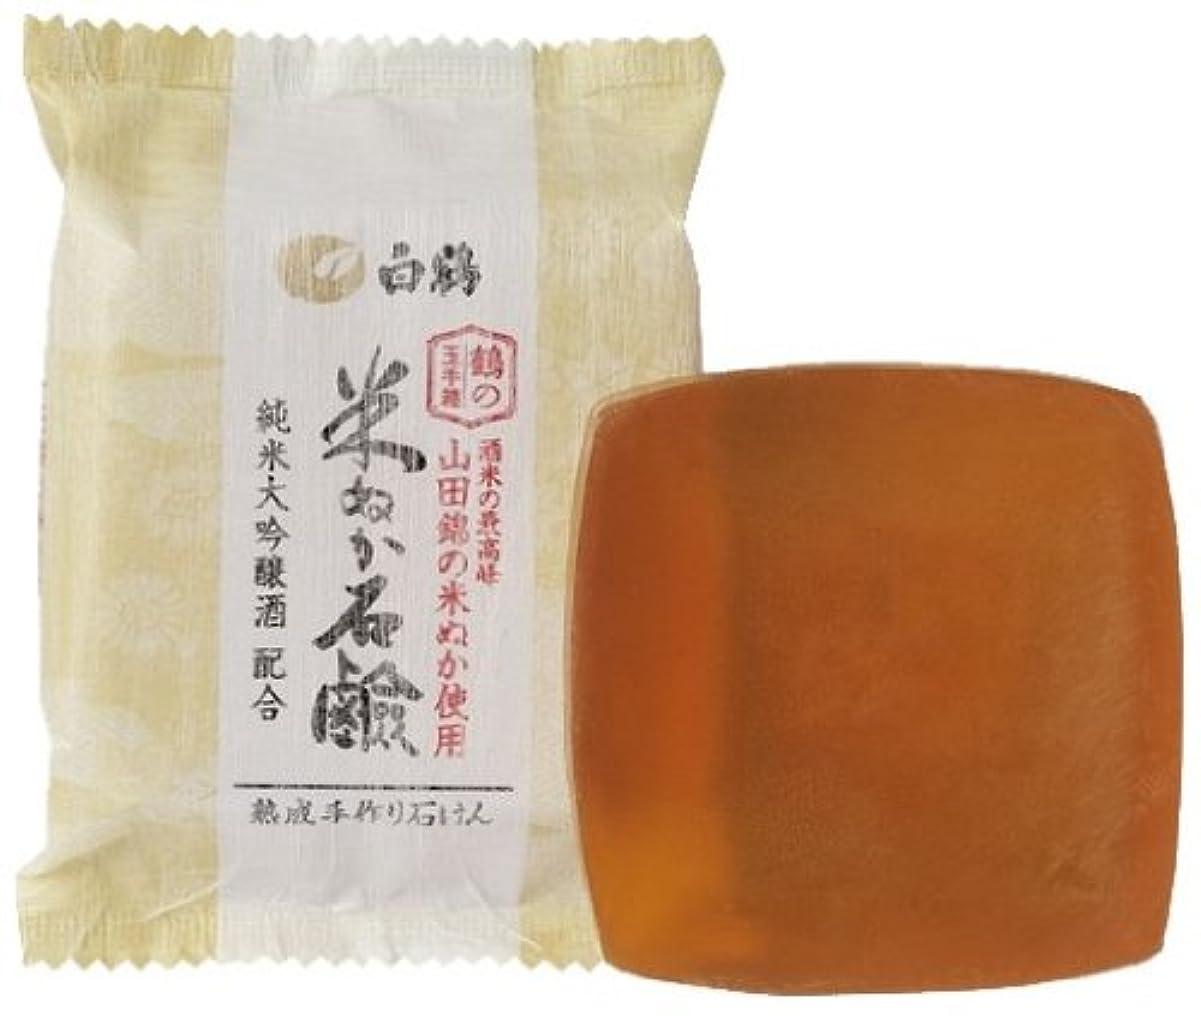 コイン十億フレキシブル白鶴 鶴の玉手箱 米ぬか石けん 100g (全身用石鹸)